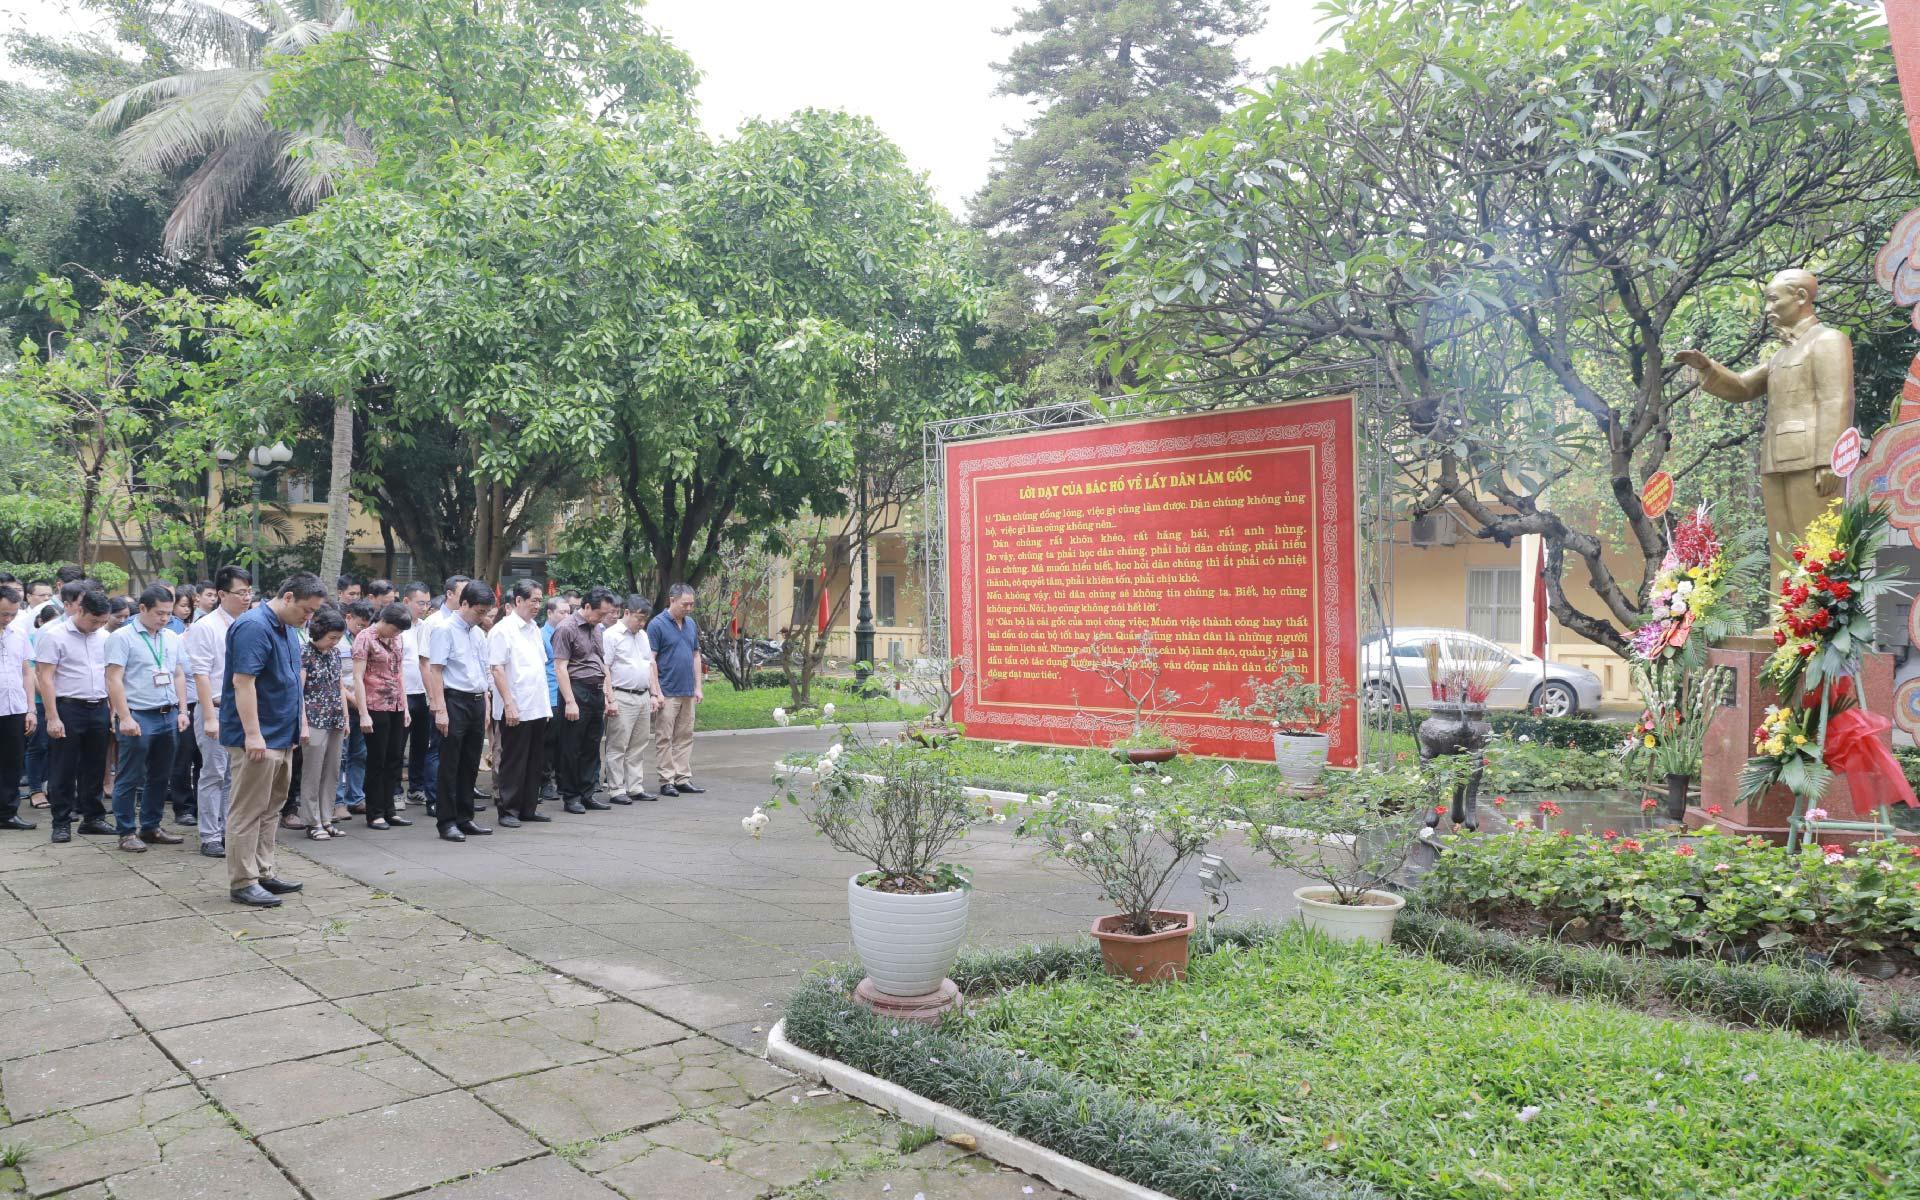 Kỷ niệm 130 năm ngày sinh Chủ tịch Hồ Chí Minh ( 19/5/1890 -19/5/2020)